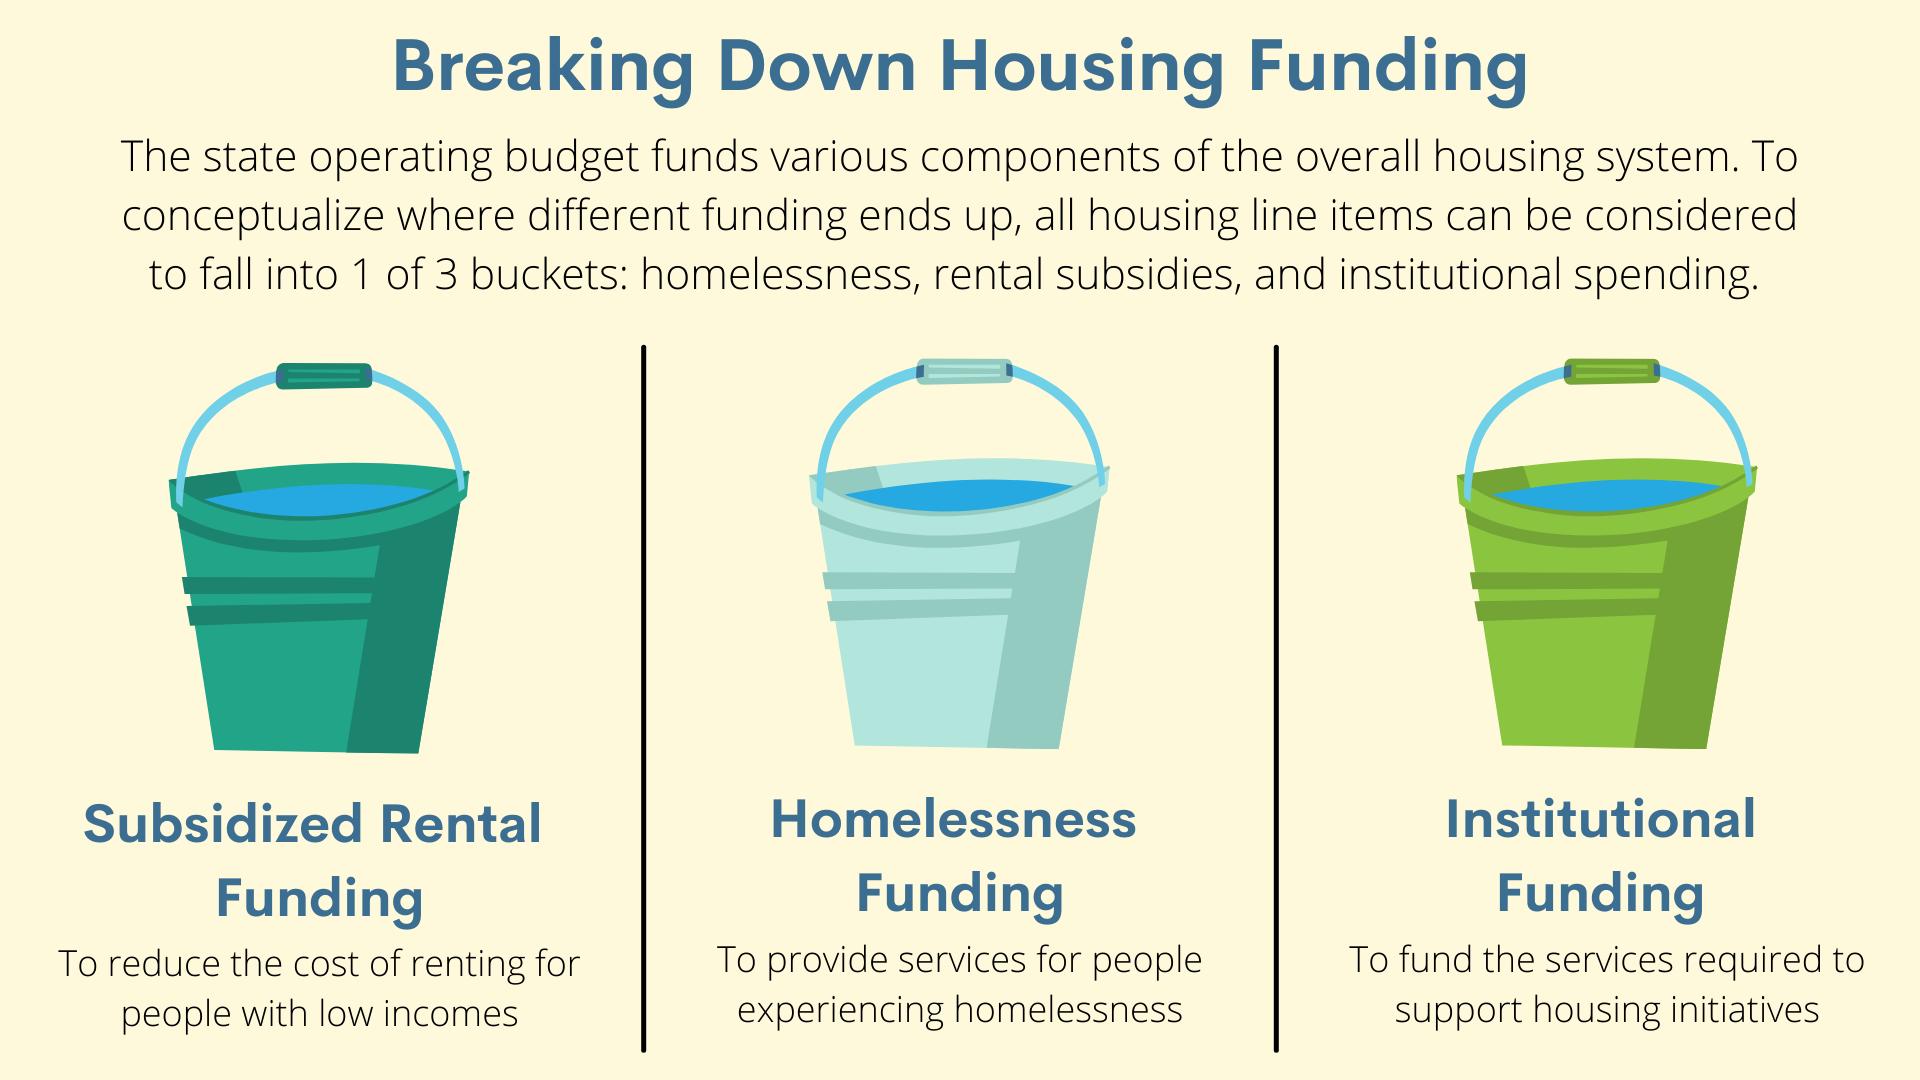 Breaking Down Housing Funding